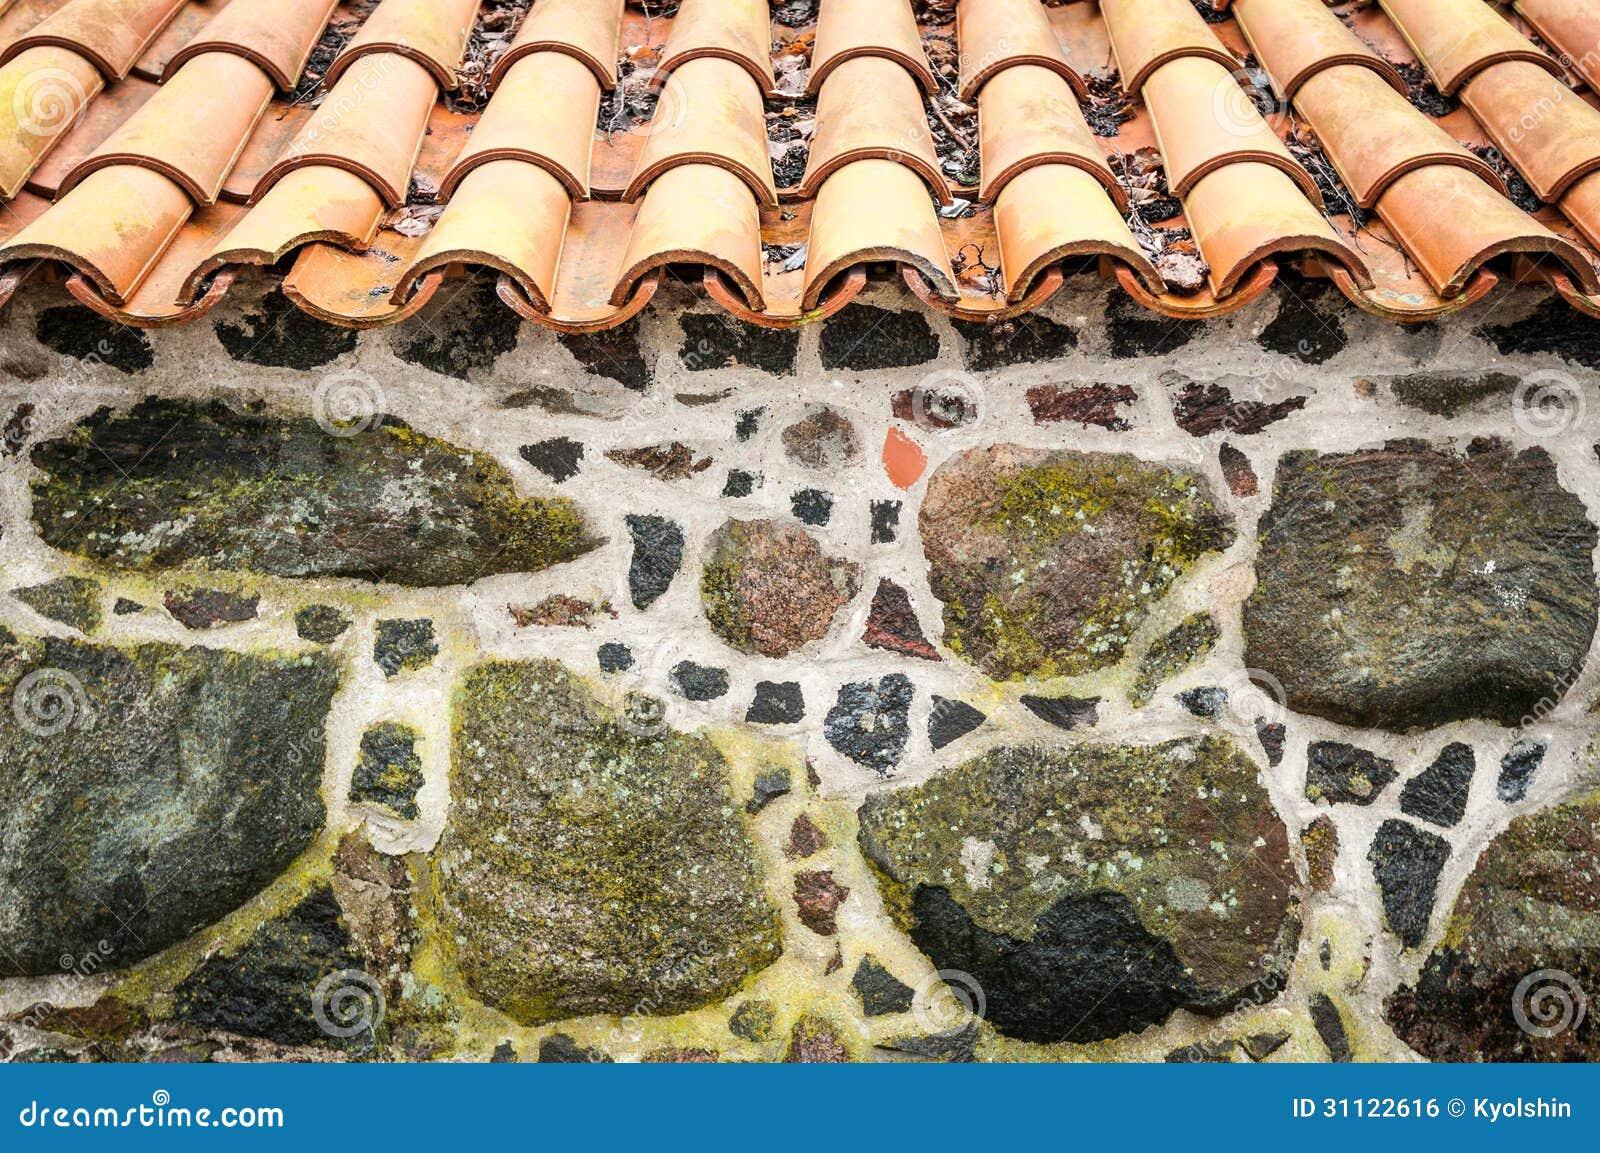 mit ziegeln gedecktes dach und wand verziert mit steinen lizenzfreies stockbild bild 31122616. Black Bedroom Furniture Sets. Home Design Ideas